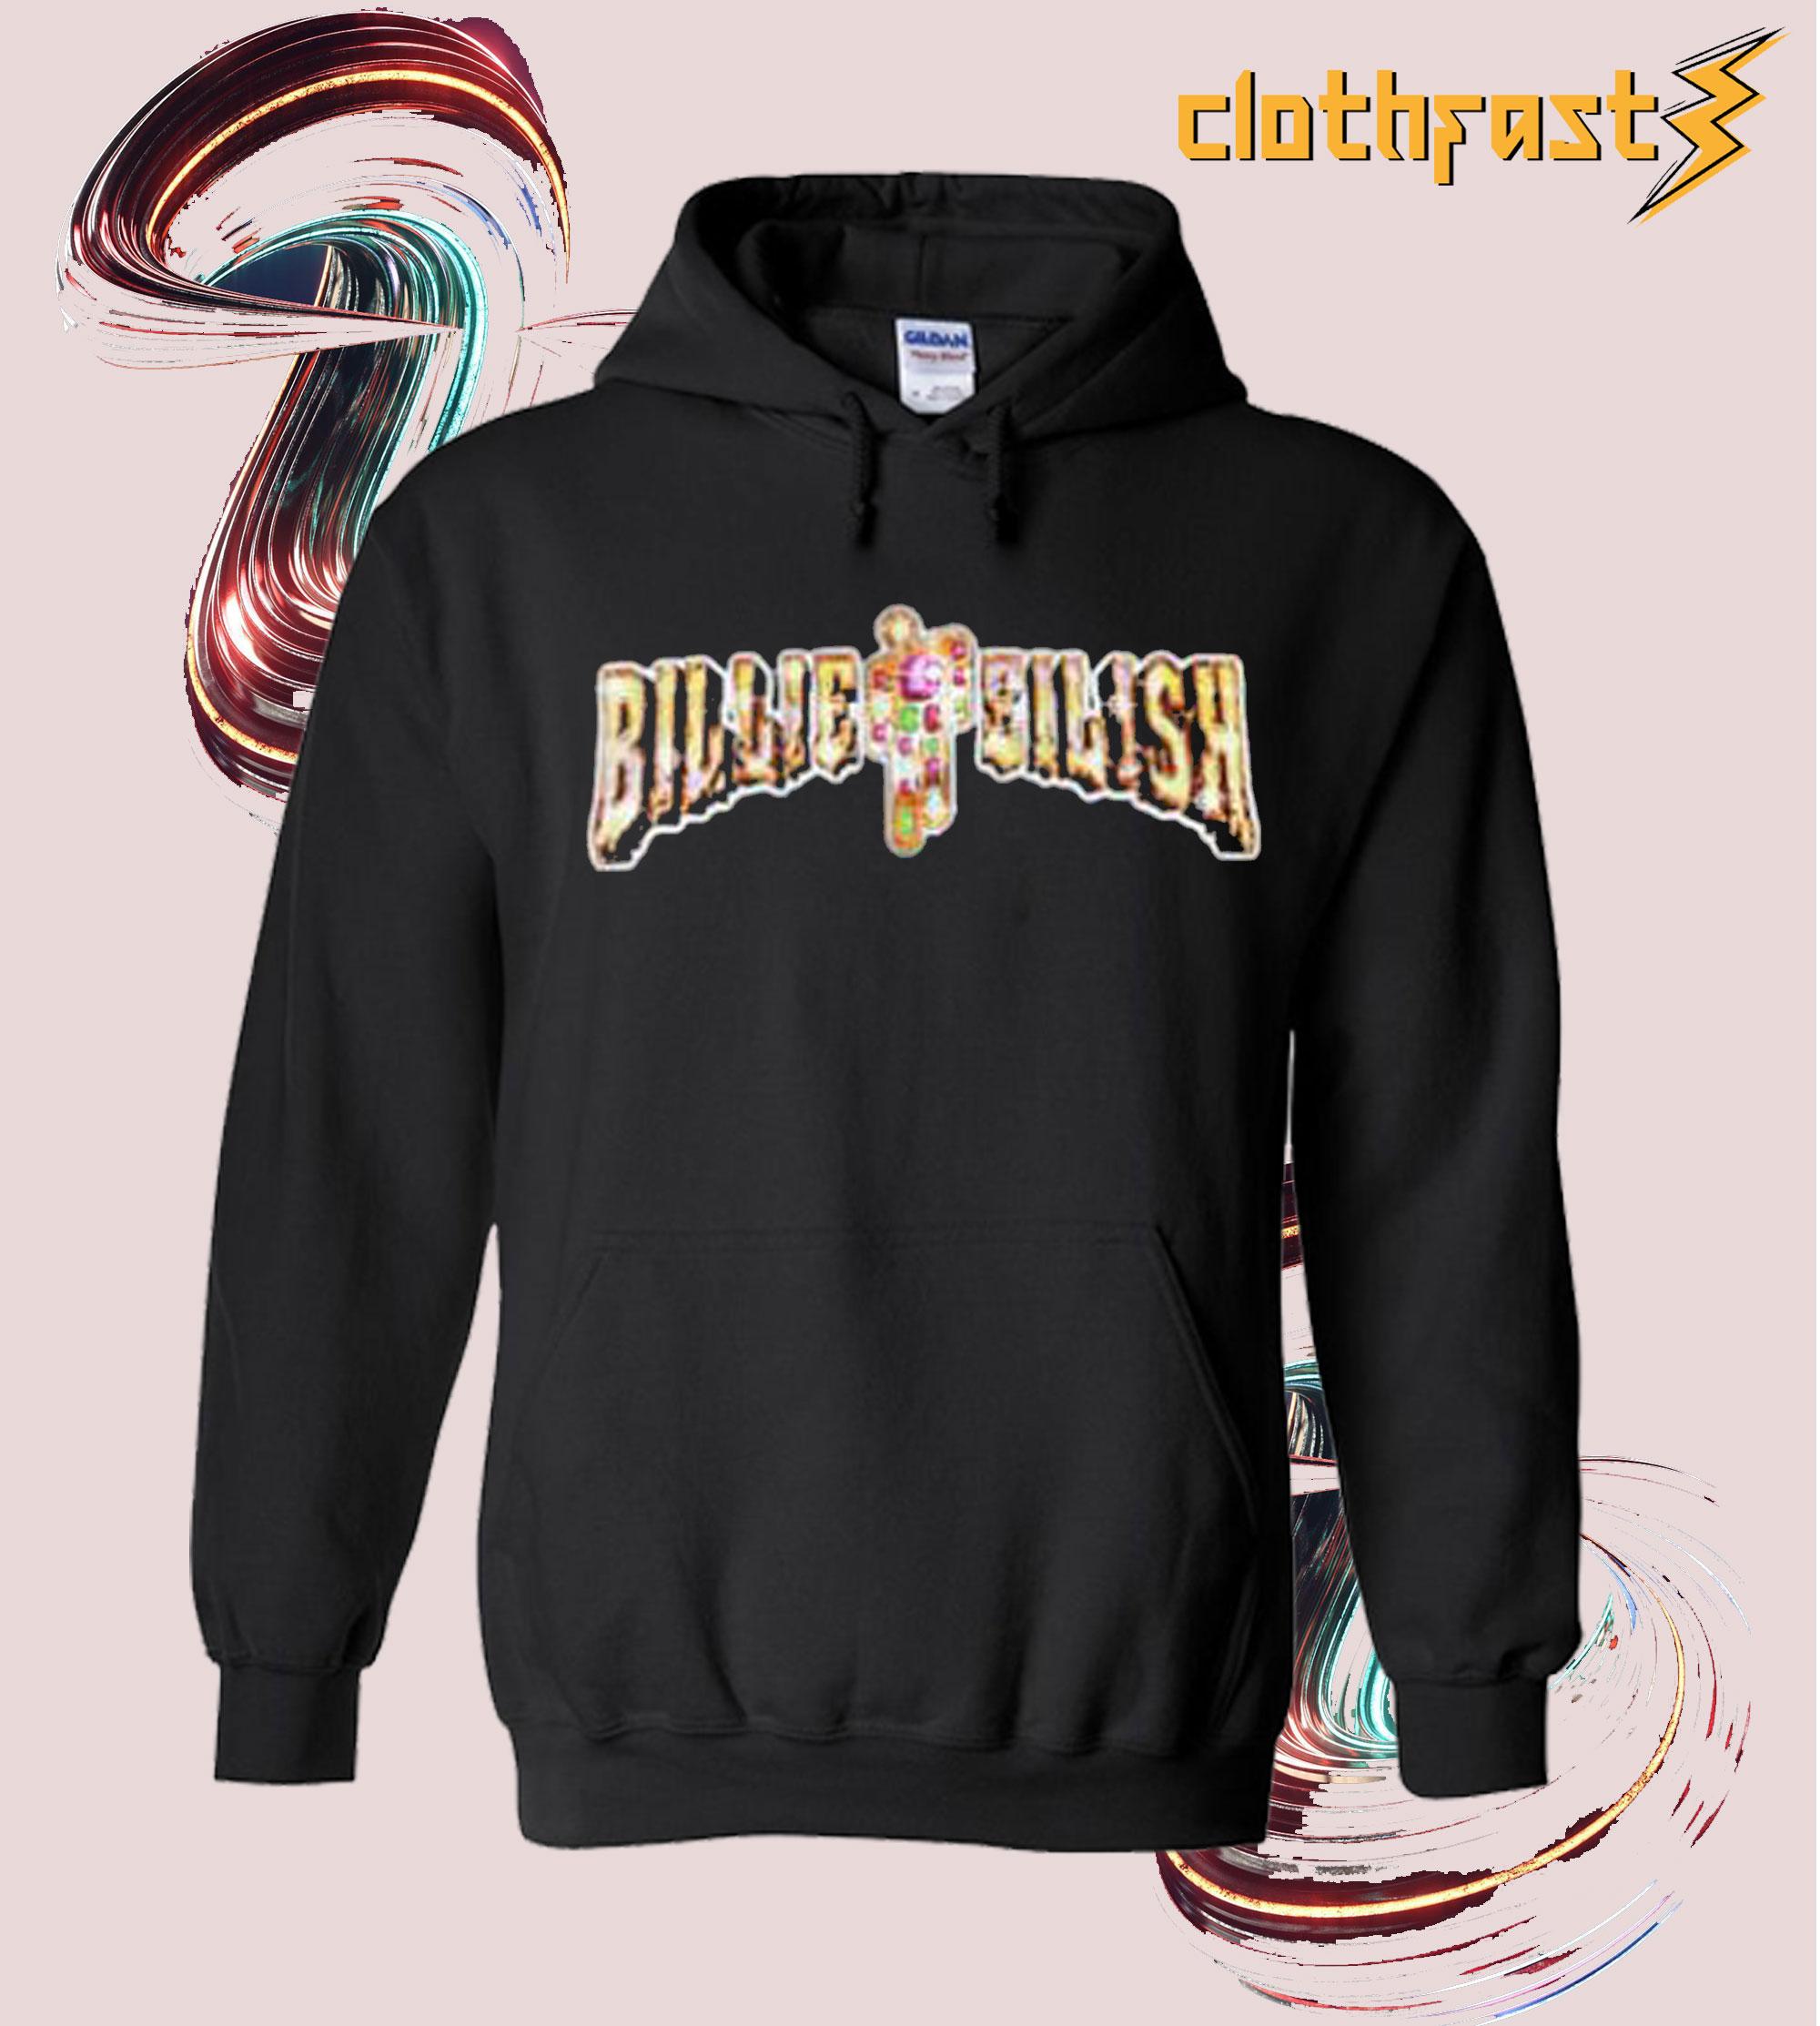 Billie Eilish + Dbruze Black Hoodie